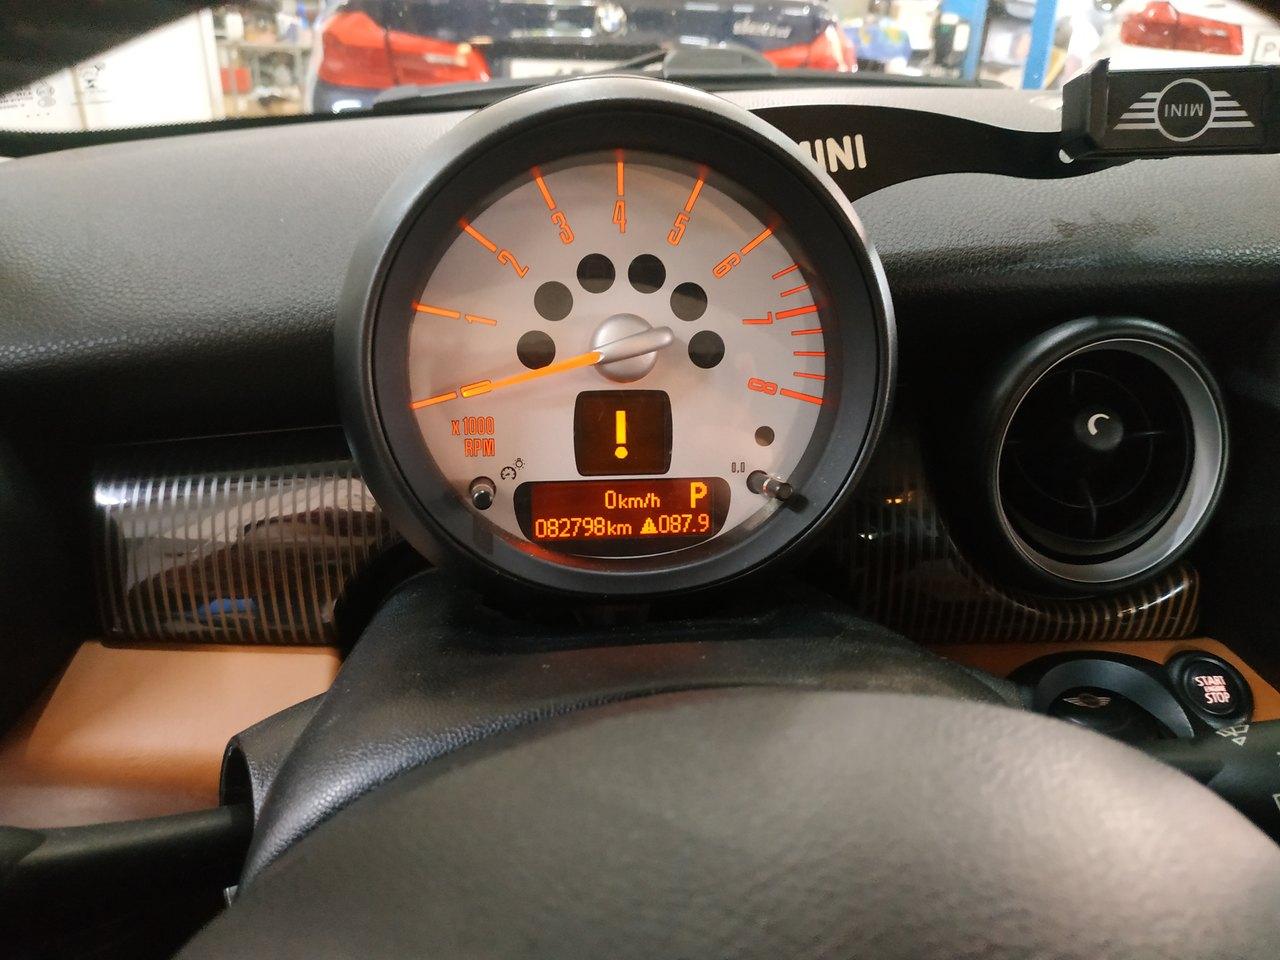 MINI Cooper R56, Check Engine